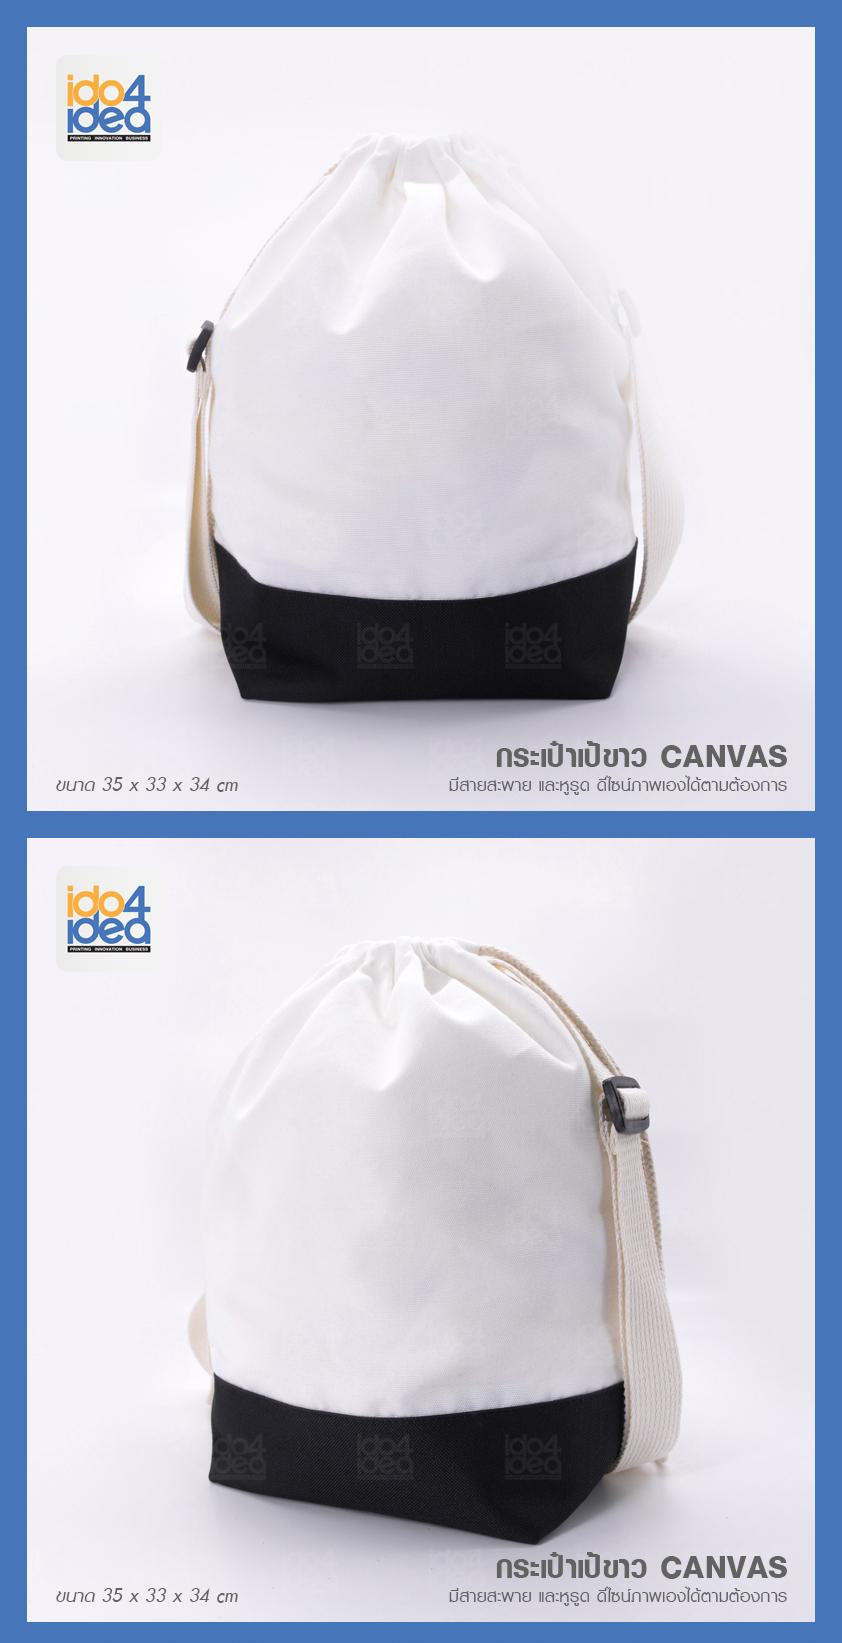 กระเป๋าเป้ สีขาว หูขาว/หูดำ ผ้า canvas ขนาด 35x33x34 ซม.